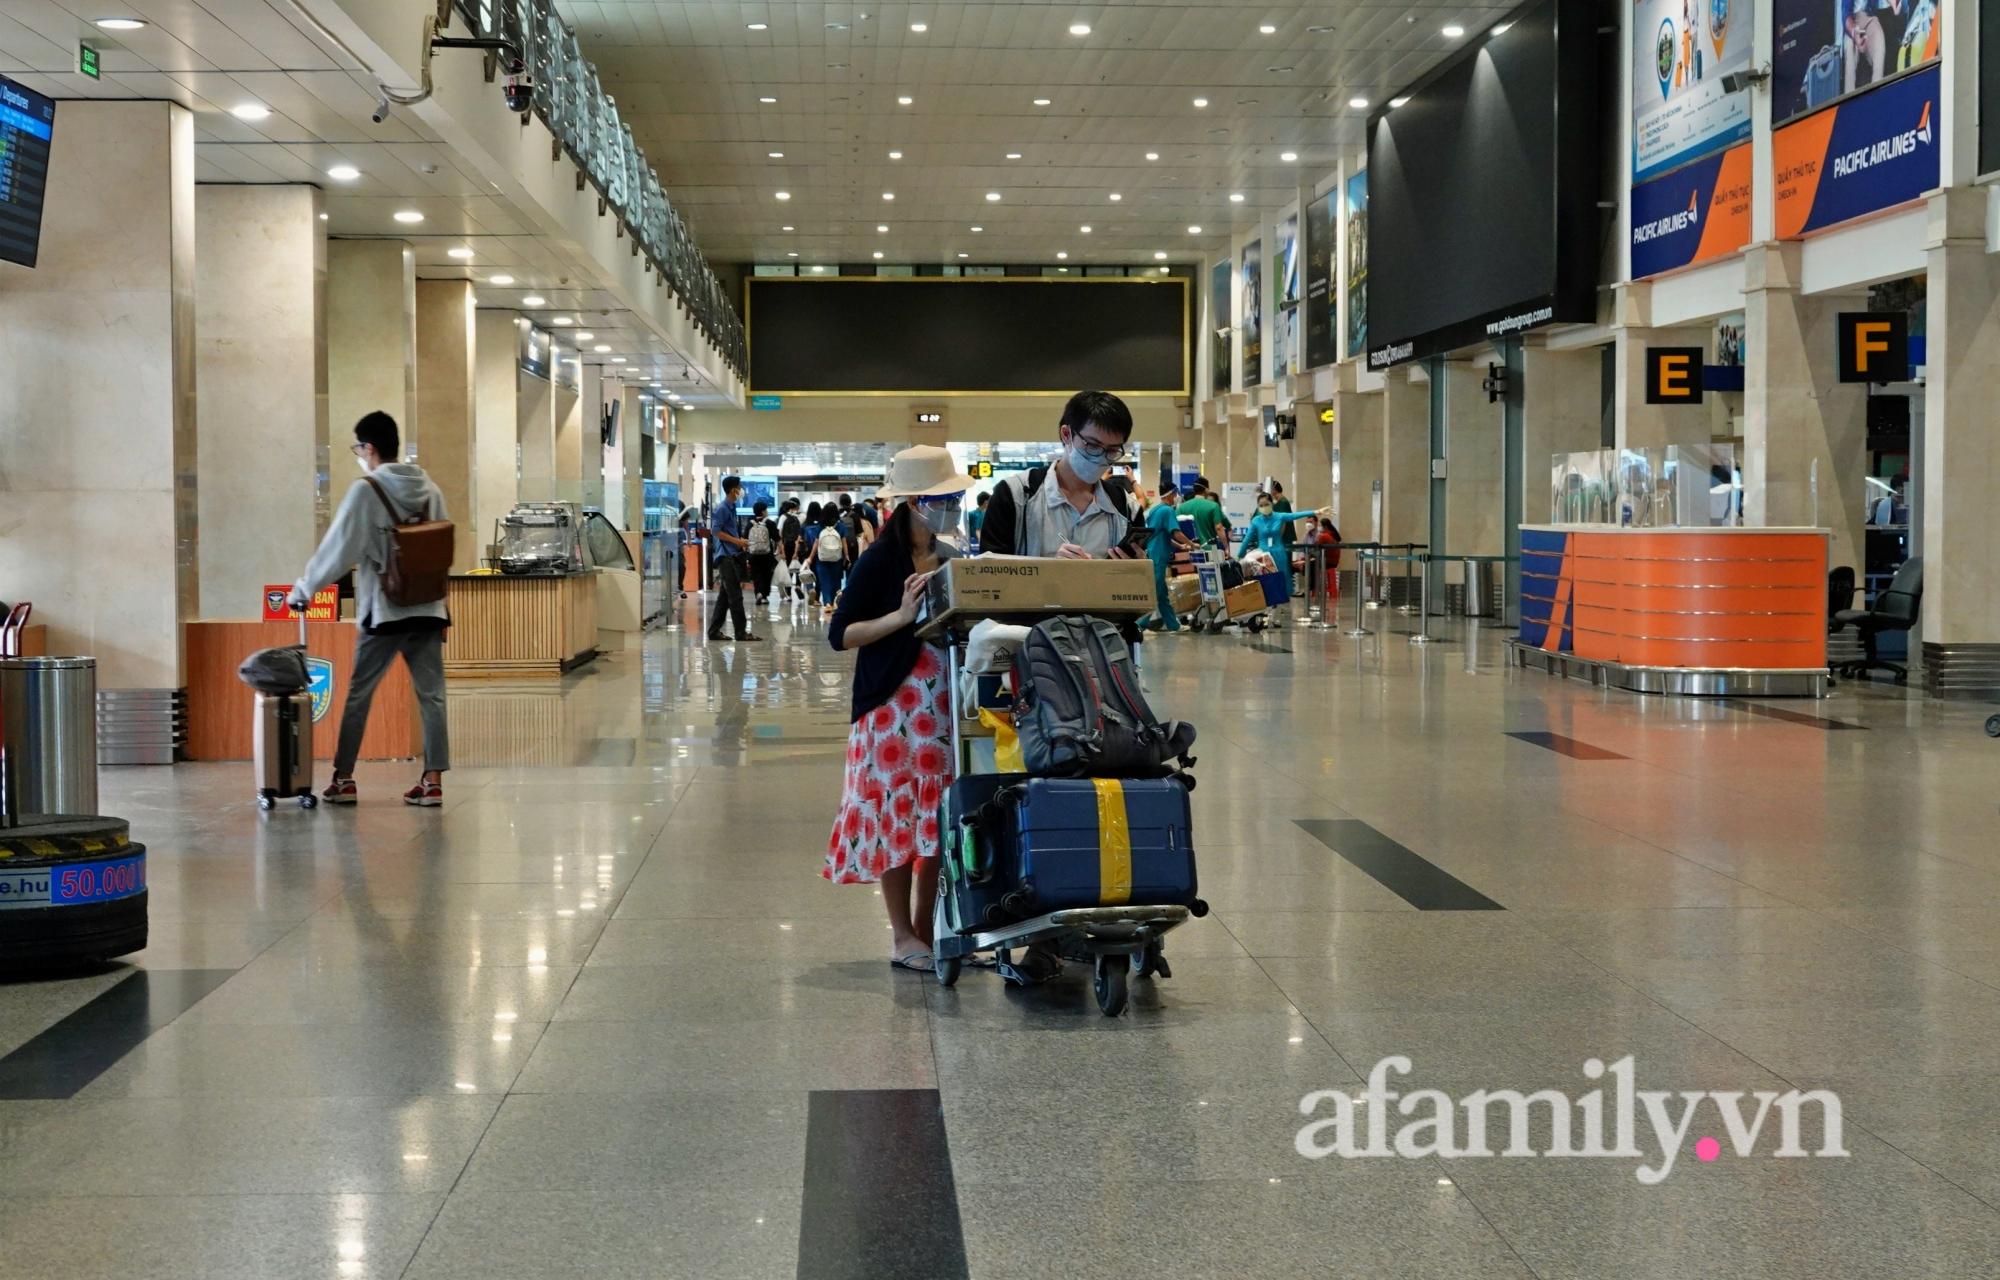 """Những chuyến bay về quê đầy thăng trầm sau hơn 4 tháng """"mắc kẹt"""" với Sài Gòn: """"Chỉ cần được về nhà, khó khăn gấp mấy tôi cũng chịu được"""" - Ảnh 1."""